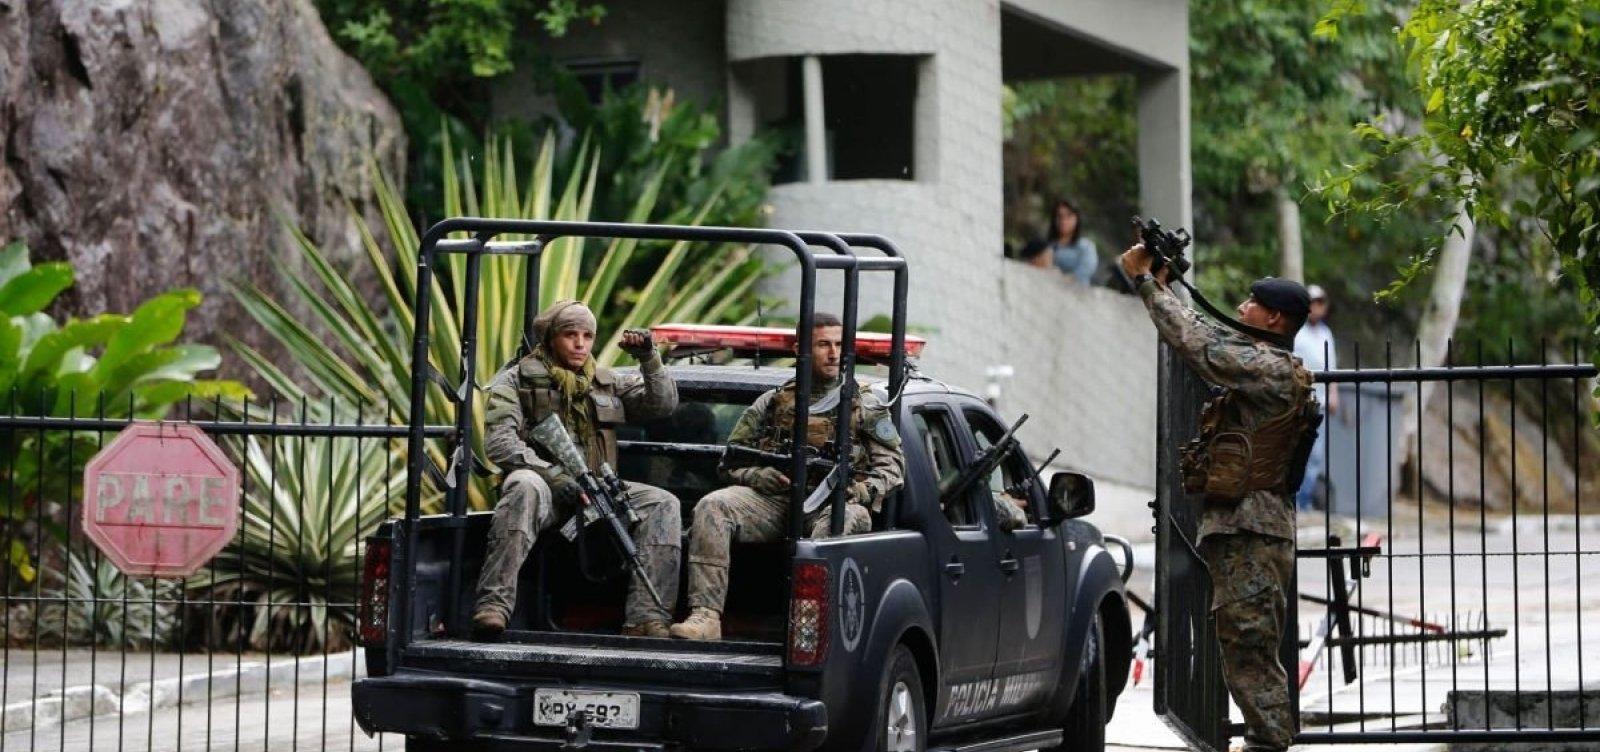 [Intervenção federal no Rio cria 'QG da compra' para gastar R$ 1 bilhão em equipamentos]